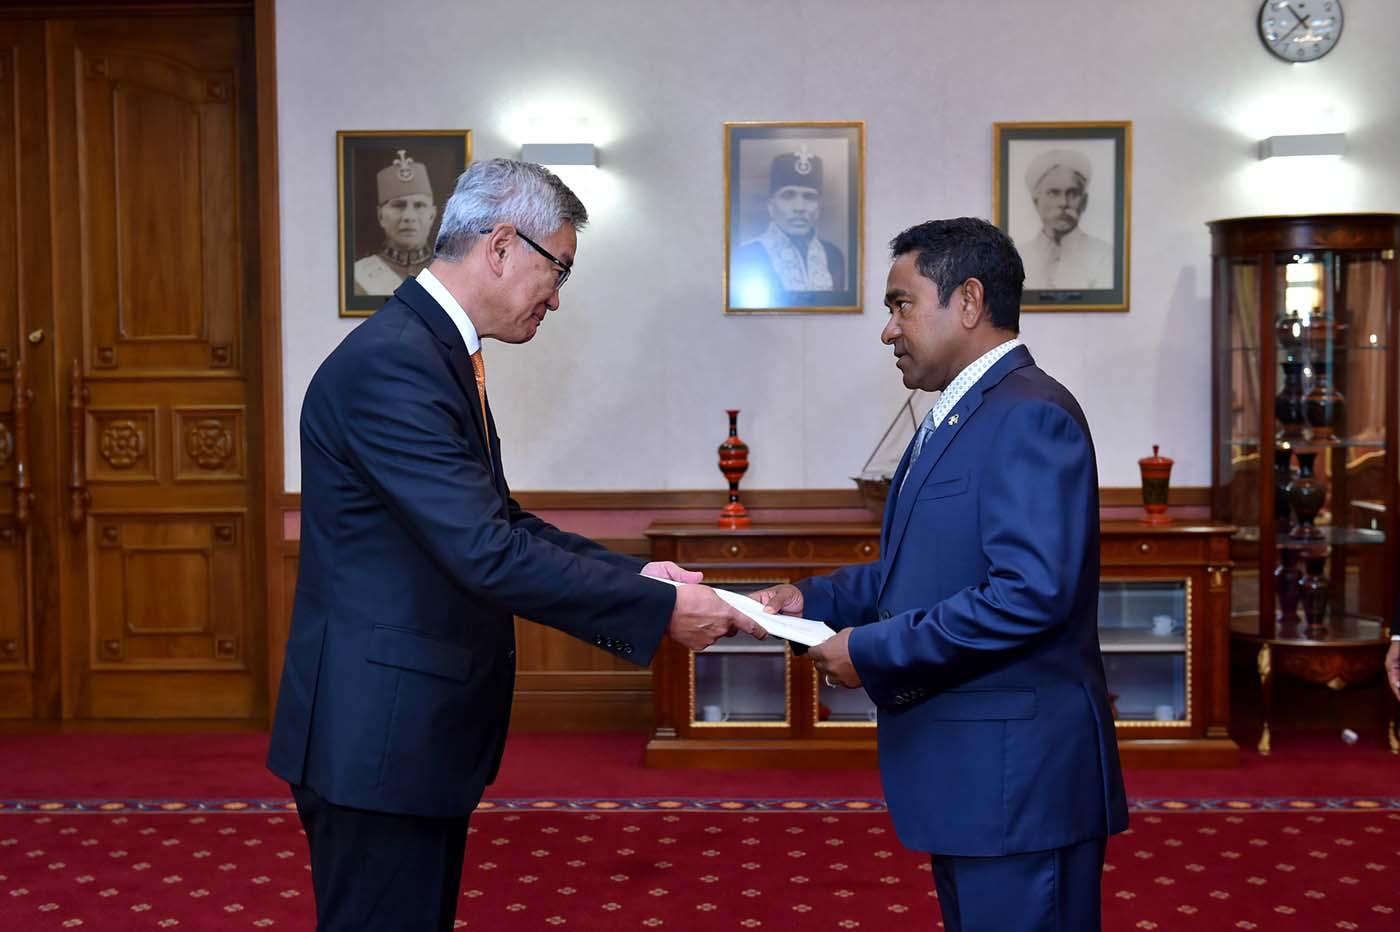 Элчин сайд Г.Ганболд Мальдавын ерөнхийлөгчид ИЖБ барив